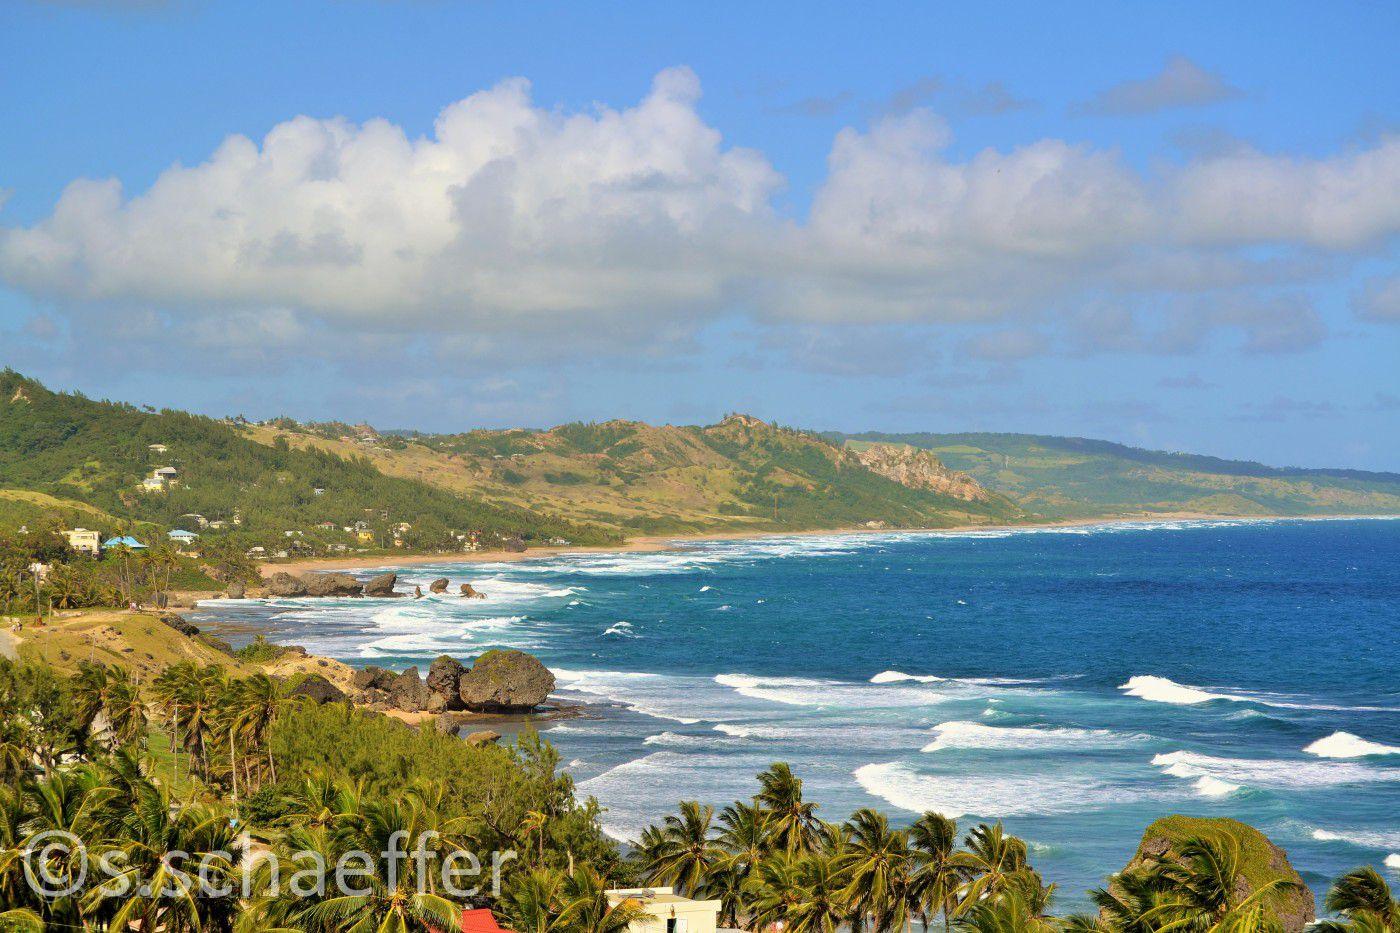 Raue Wellen an der Atlantikküste von Barbados